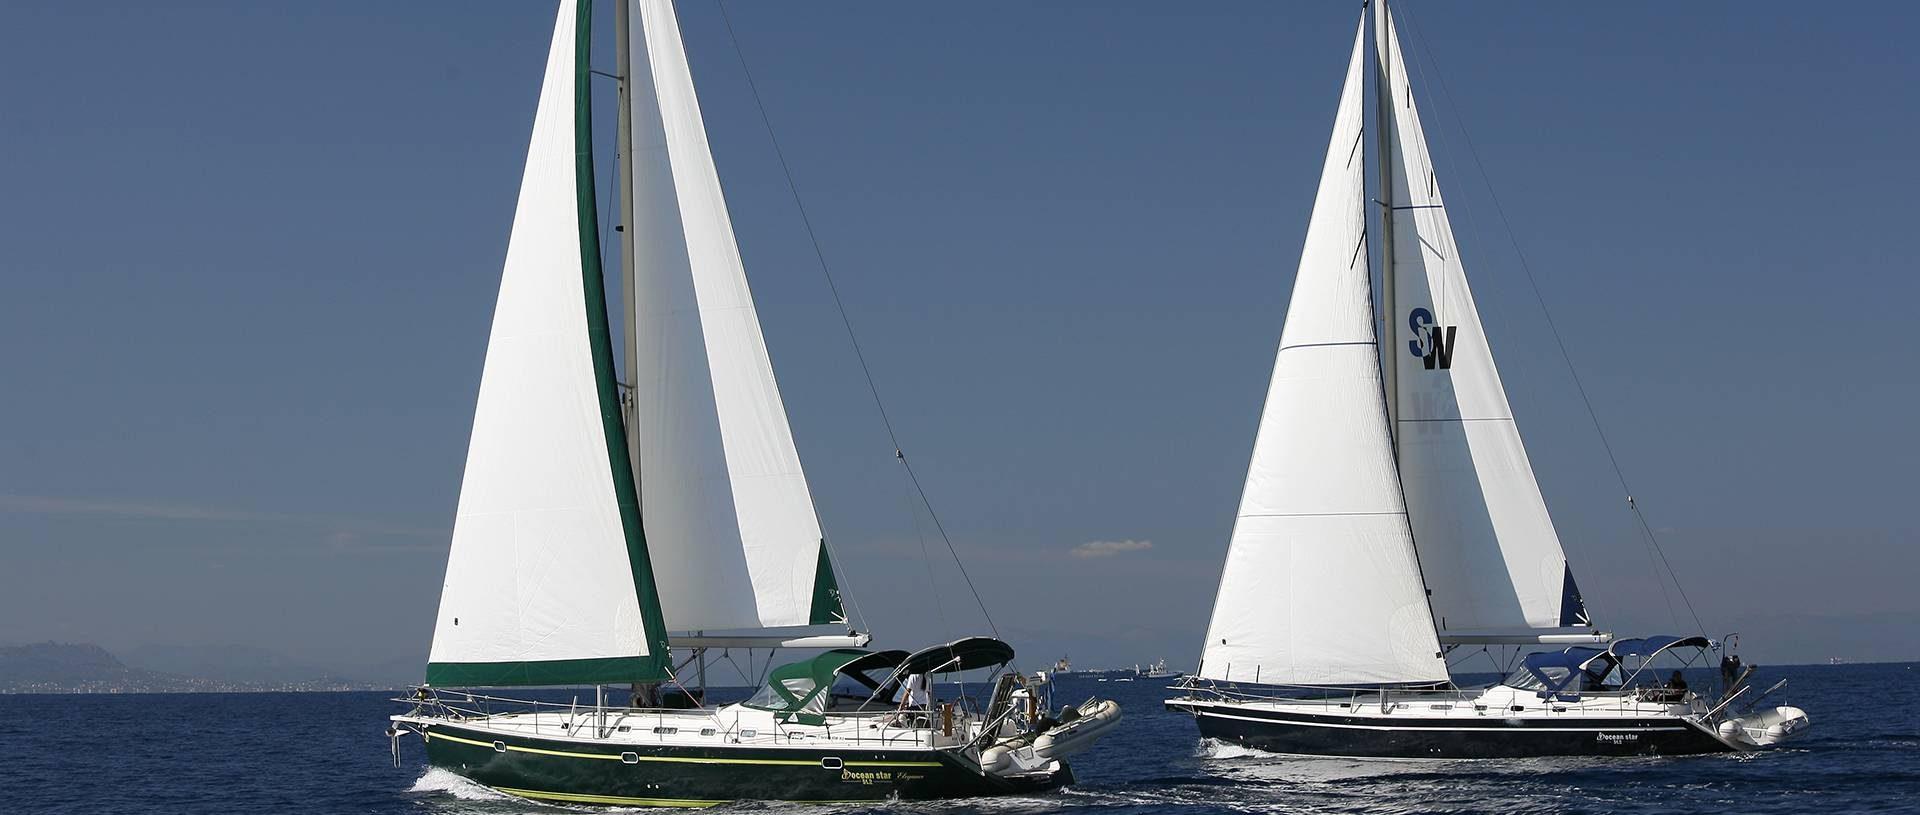 various-ships-2